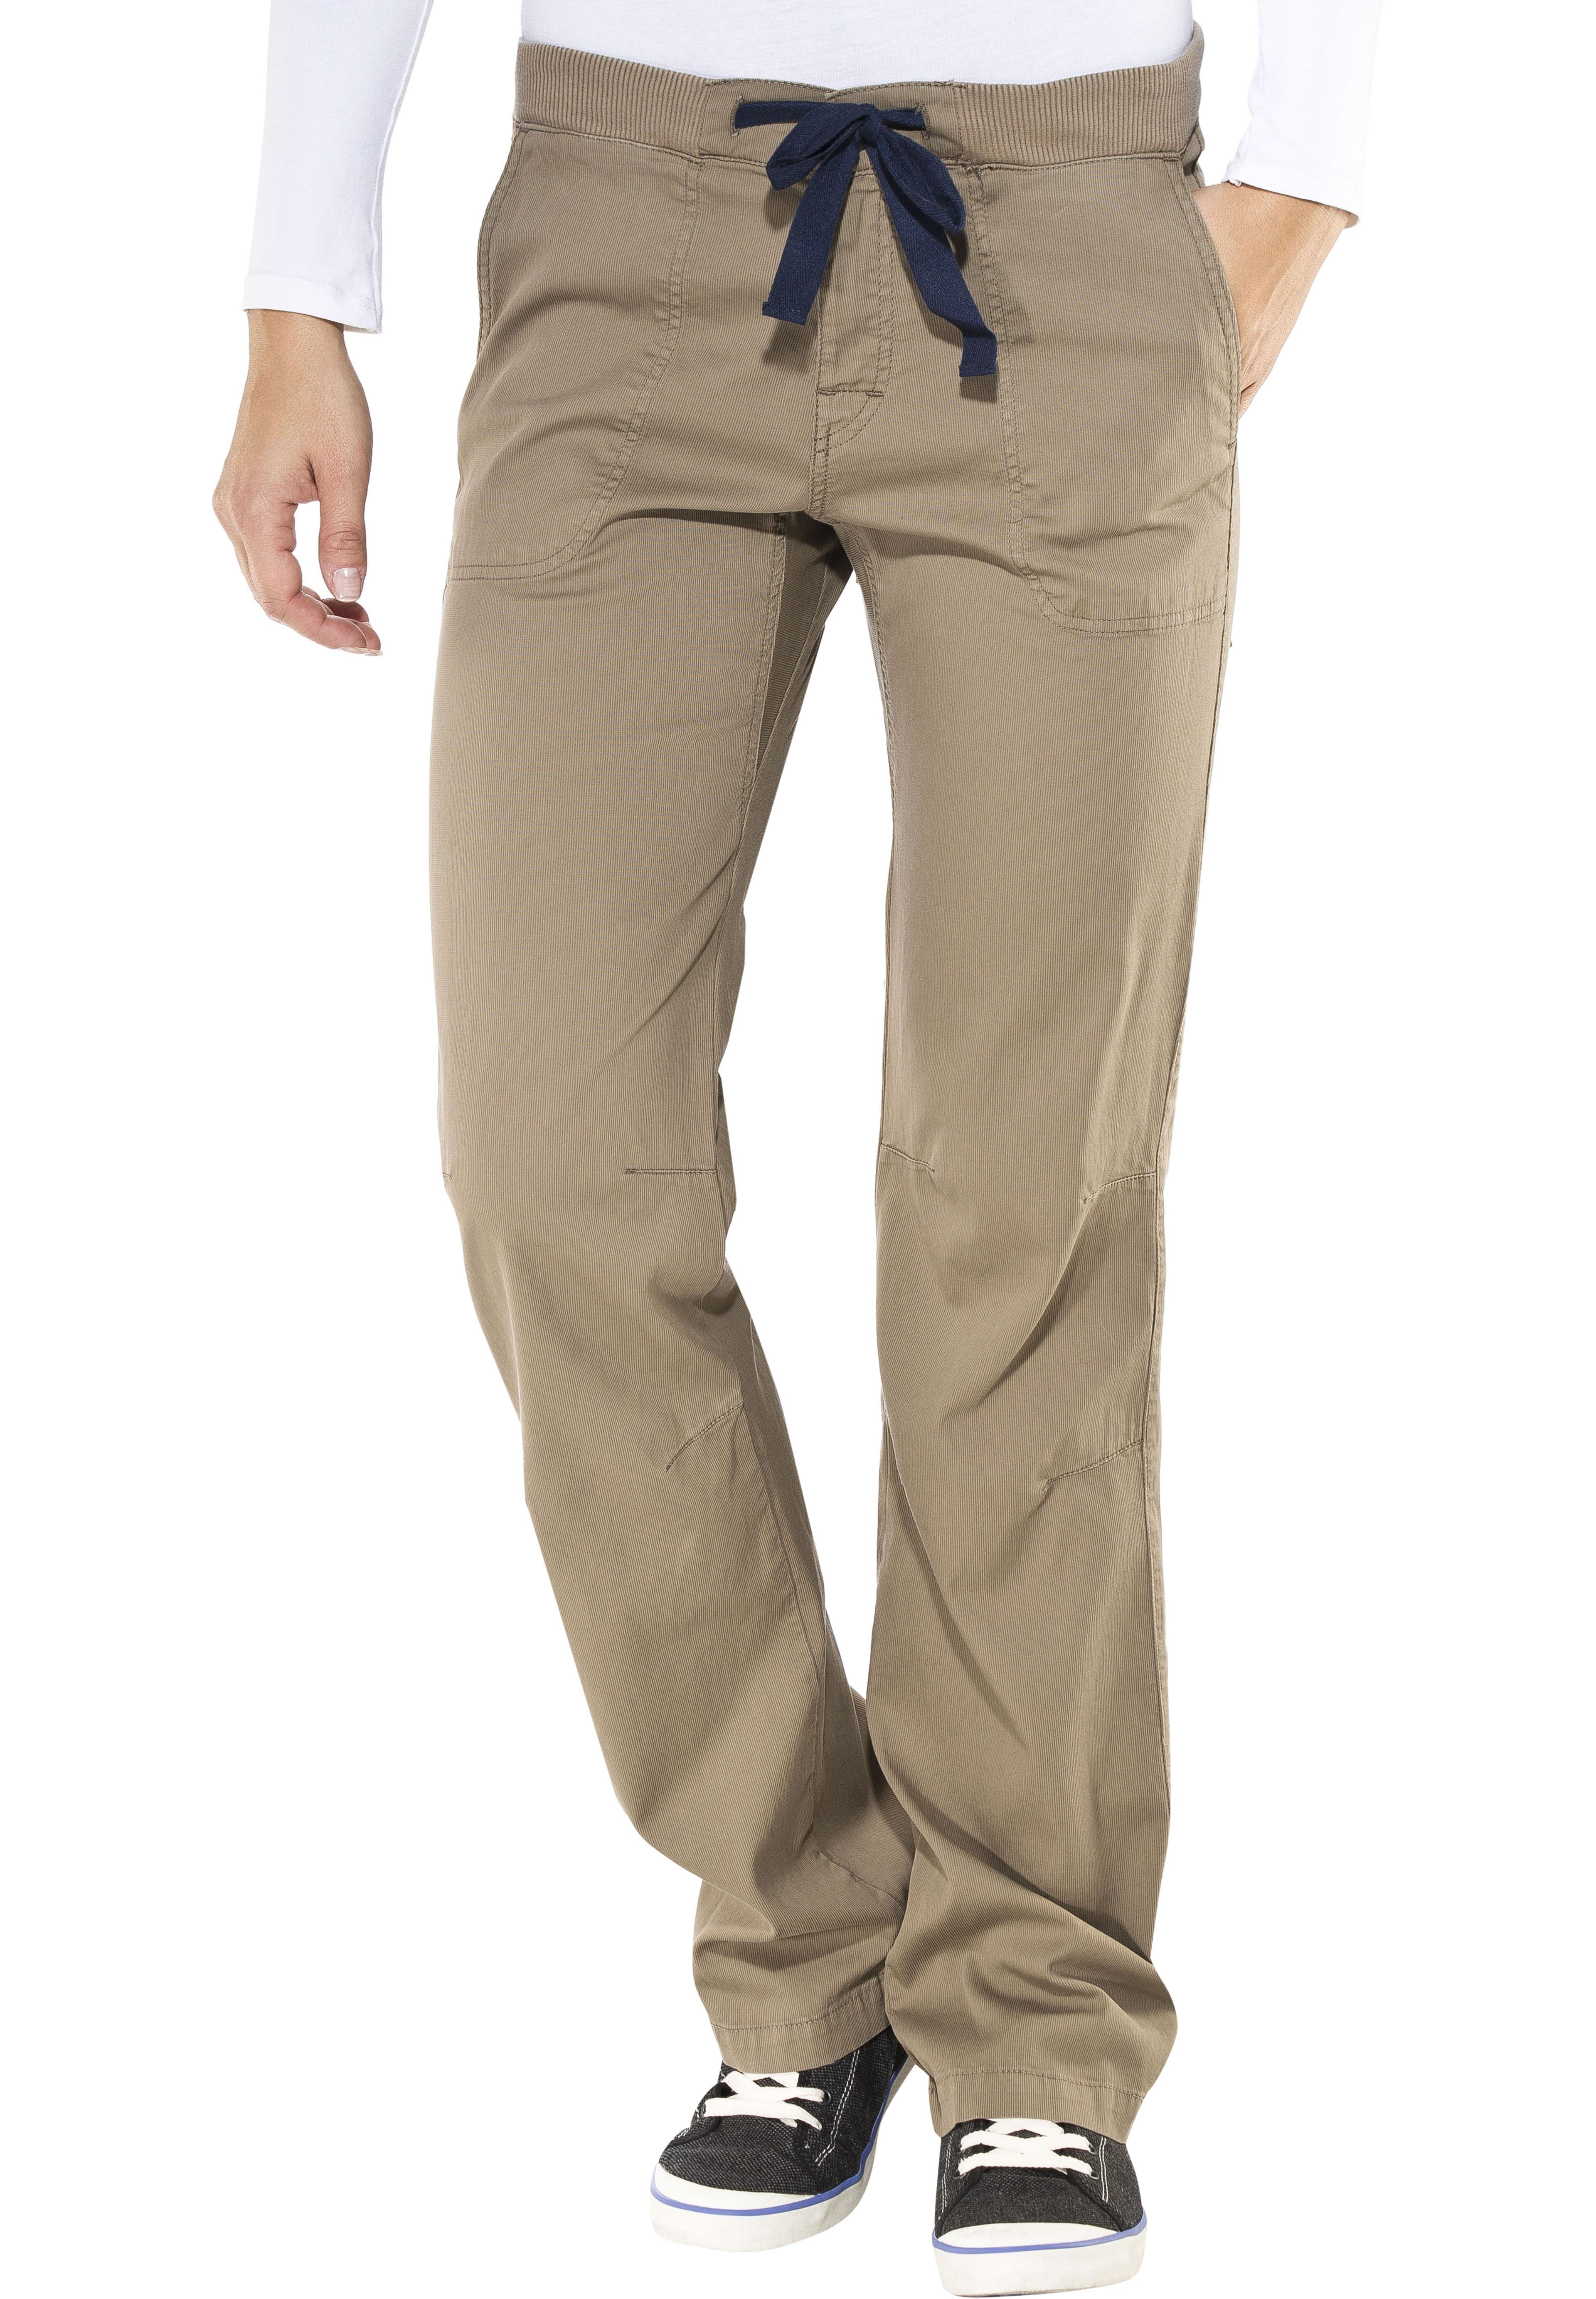 89f5e849 Red Chili Ninja Bukser Damer beige | Find outdoortøj, sko & udstyr ...